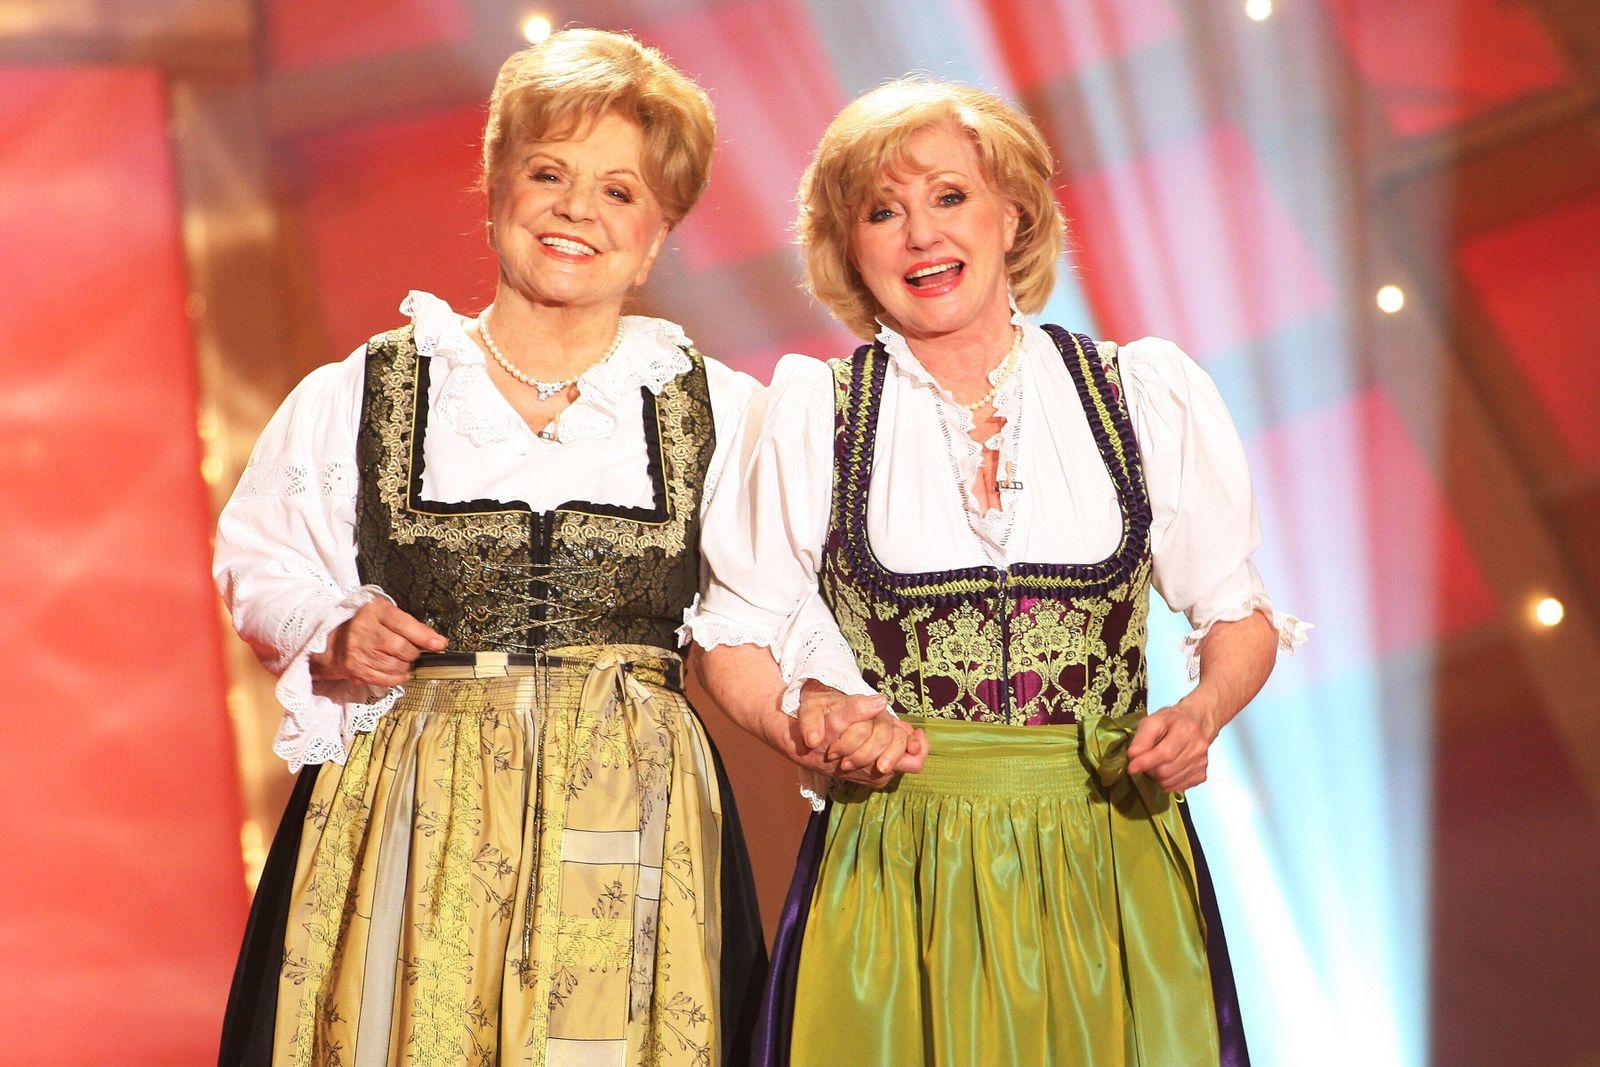 Krone der Volksmusik 2010 Maria und Margot Hellwig beim der Krone der Volksmusik 2010 in der Stadthalle Chemnitz. Copyri